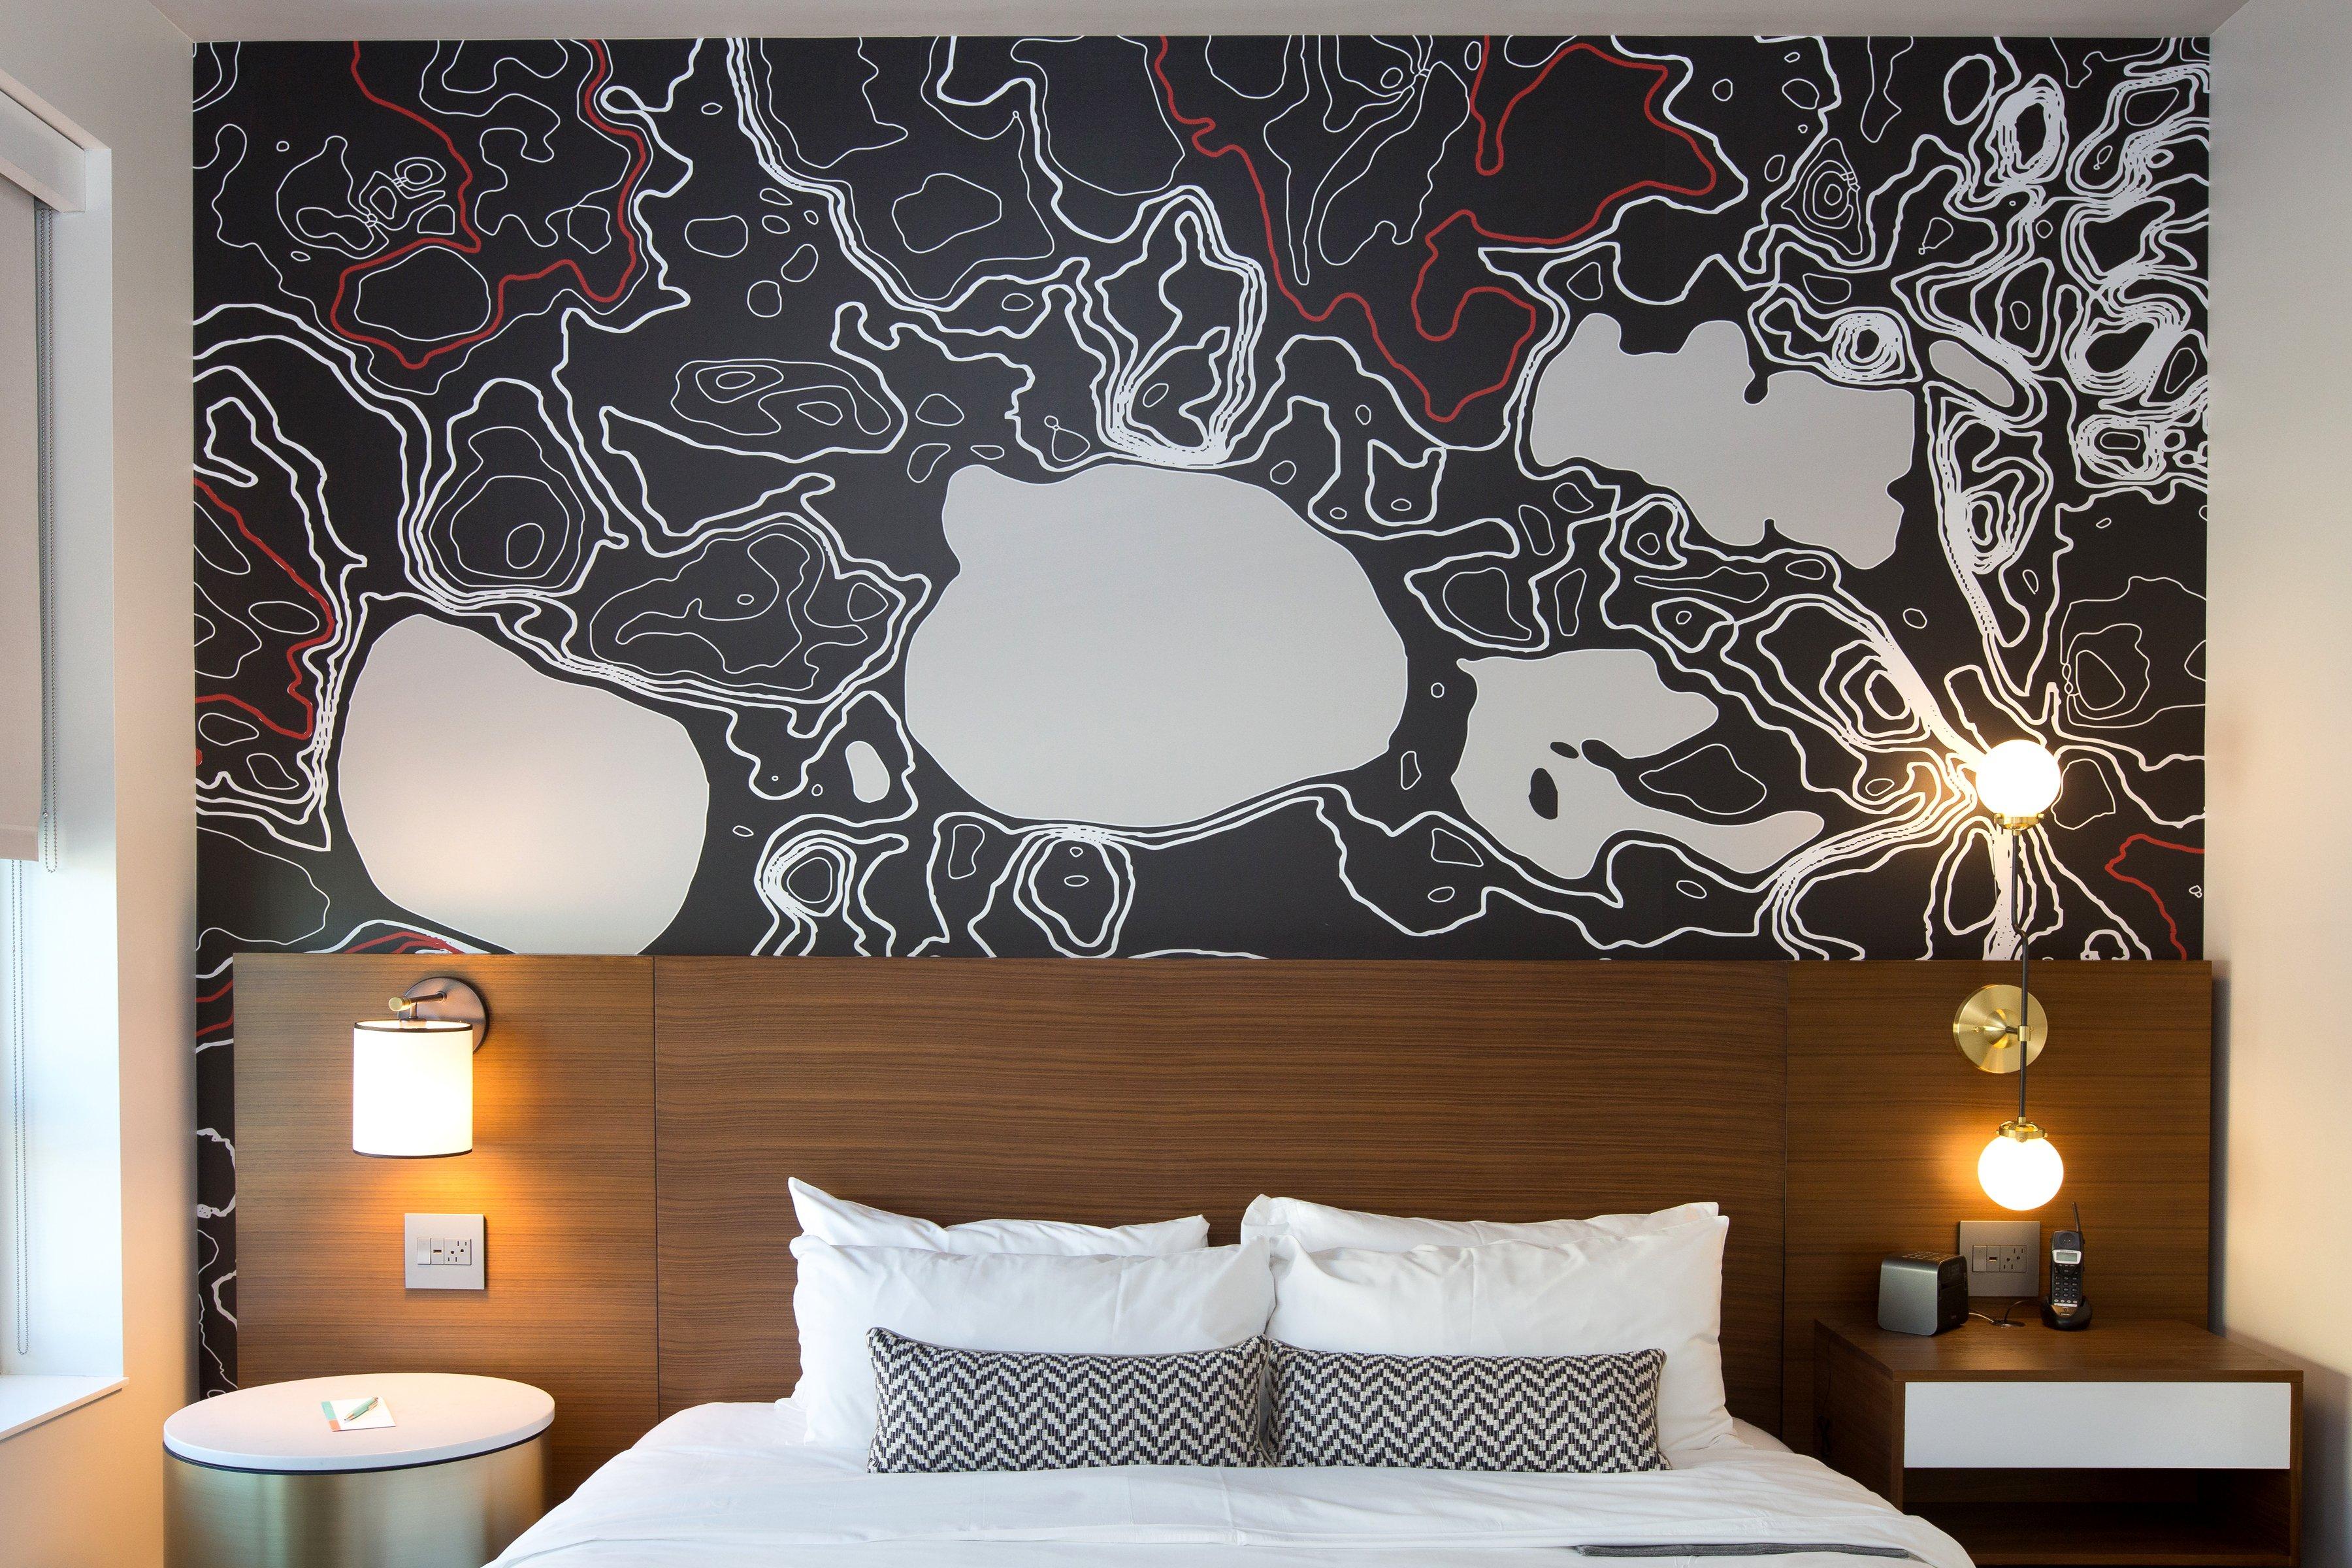 Evan Rosen custom wall vinyls for Le Meridien Minneapolis